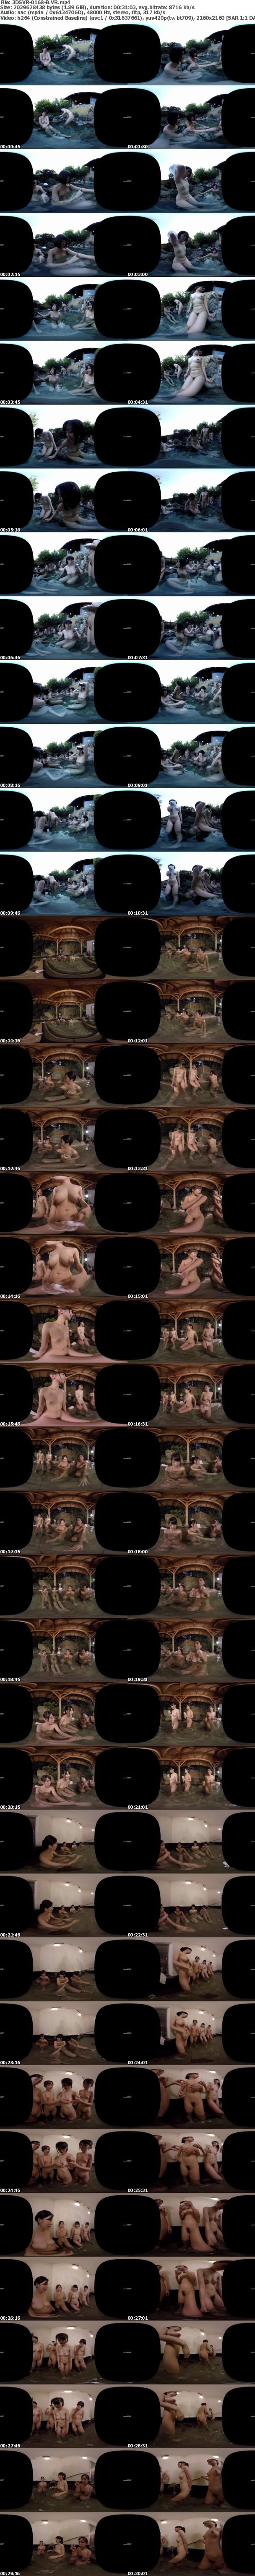 VR/3D 3DSVR-0168 【視点移動VR】透明人間 おんな湯のぞき